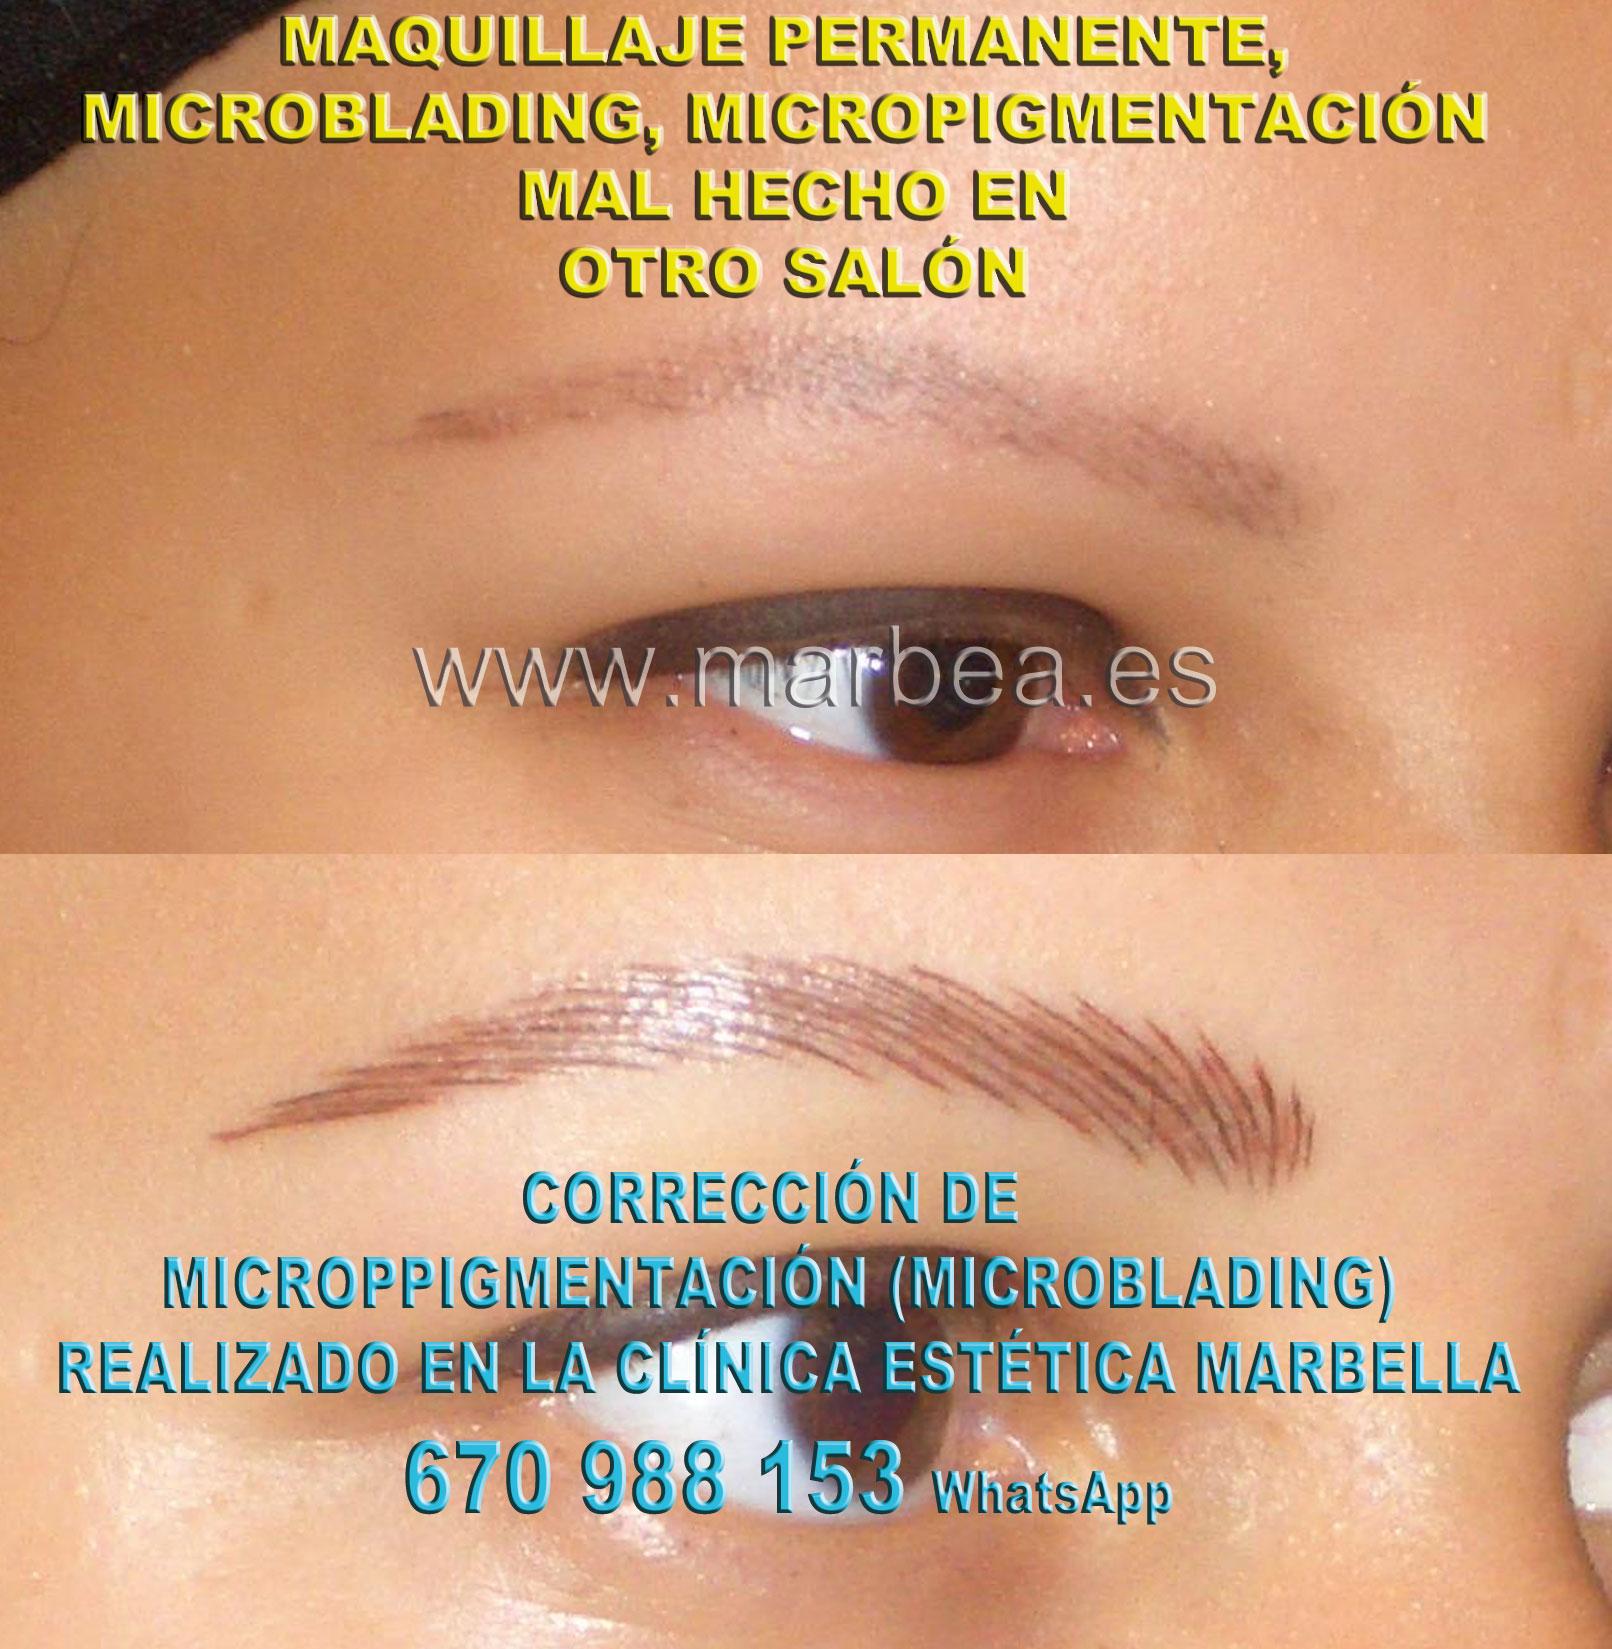 MAQUILLAJE PERMANENTE CEJAS MAL HECHO clínica estética micropigmentación ofrece eliminar la micropigmentación de cejas,corregir micropigmentación no deseada